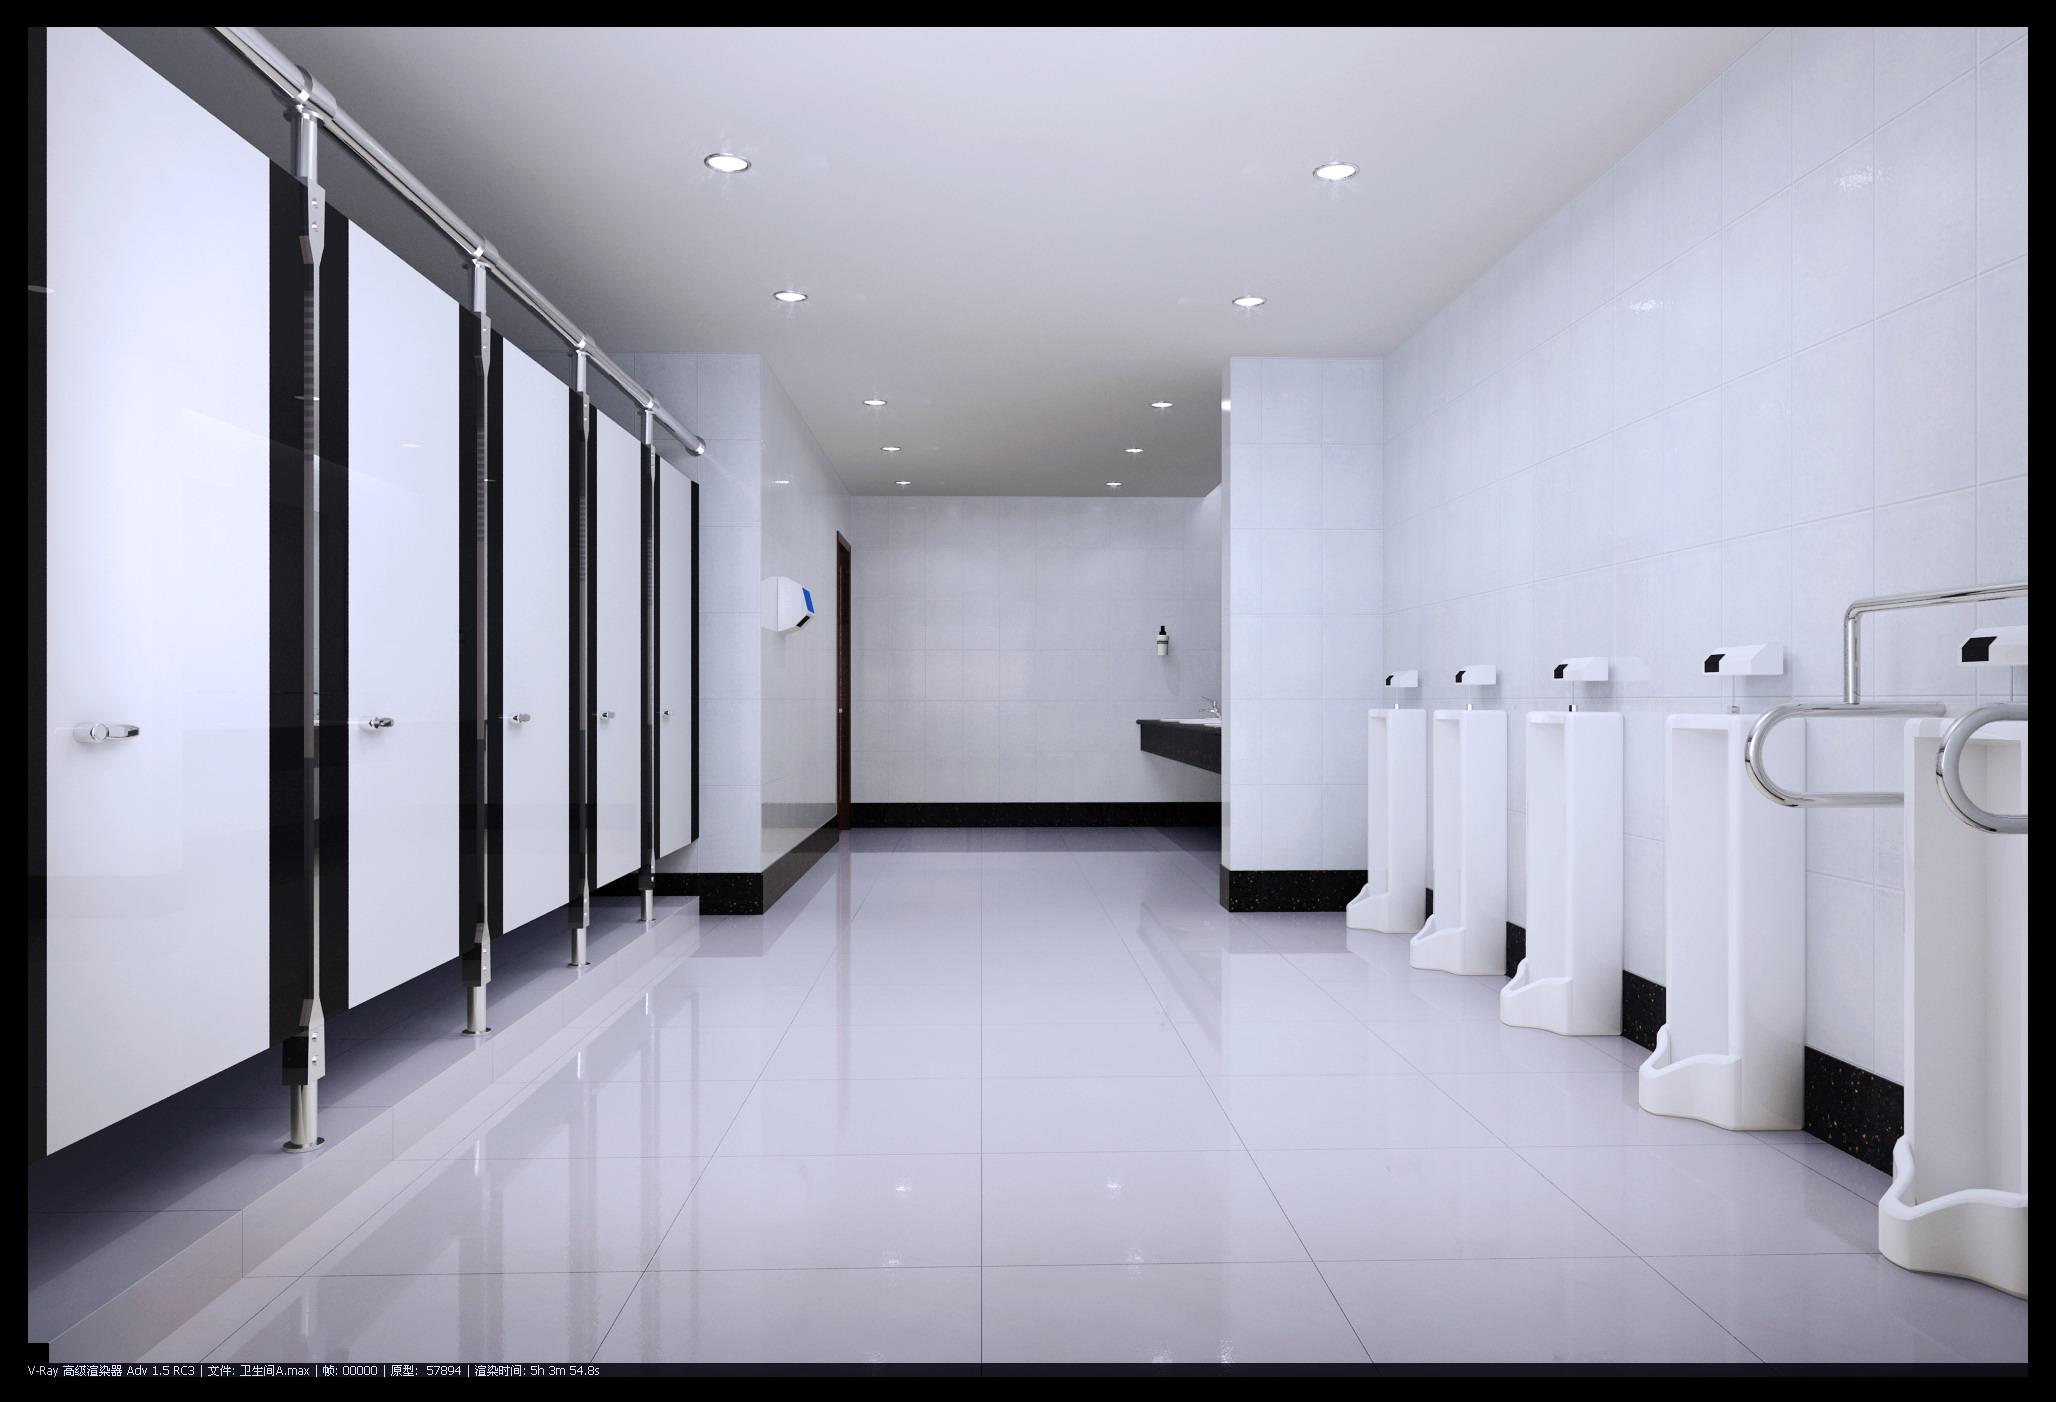 Exterior: Public Toilet 003 3D Model